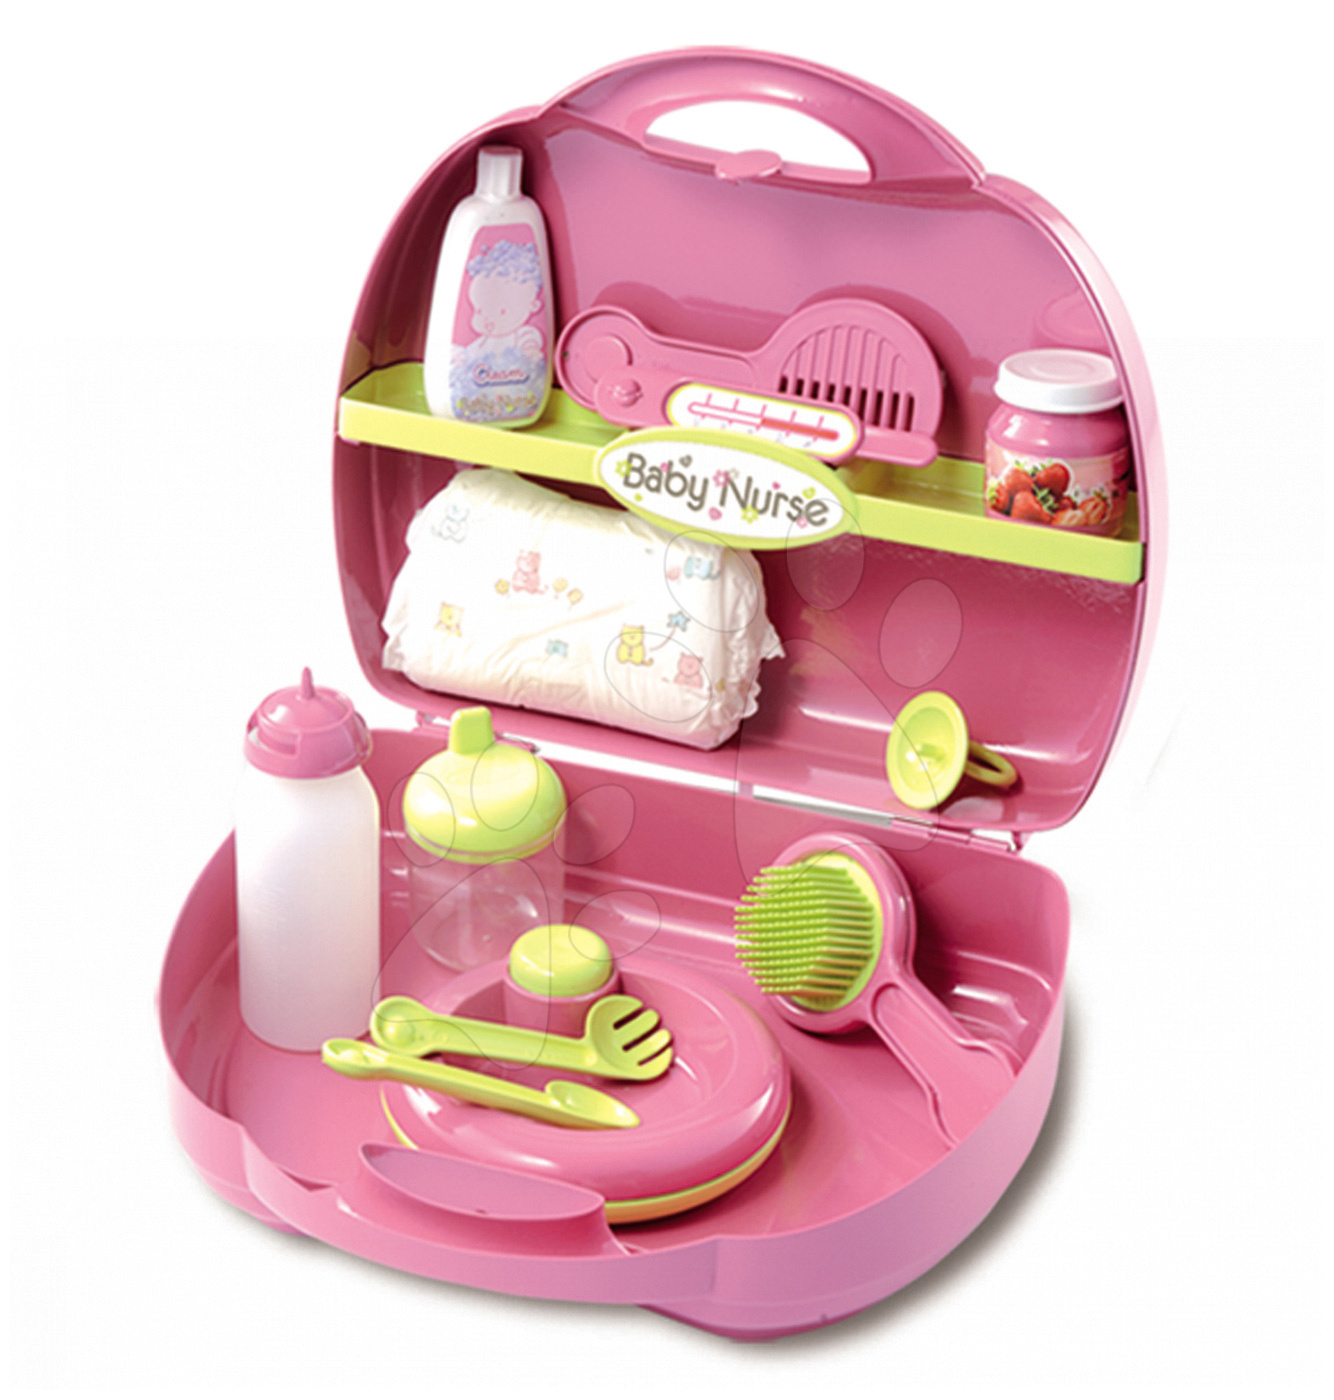 Szett pelenkázó játékbabának Baby Nurse Smoby bőröndben rózsaszín